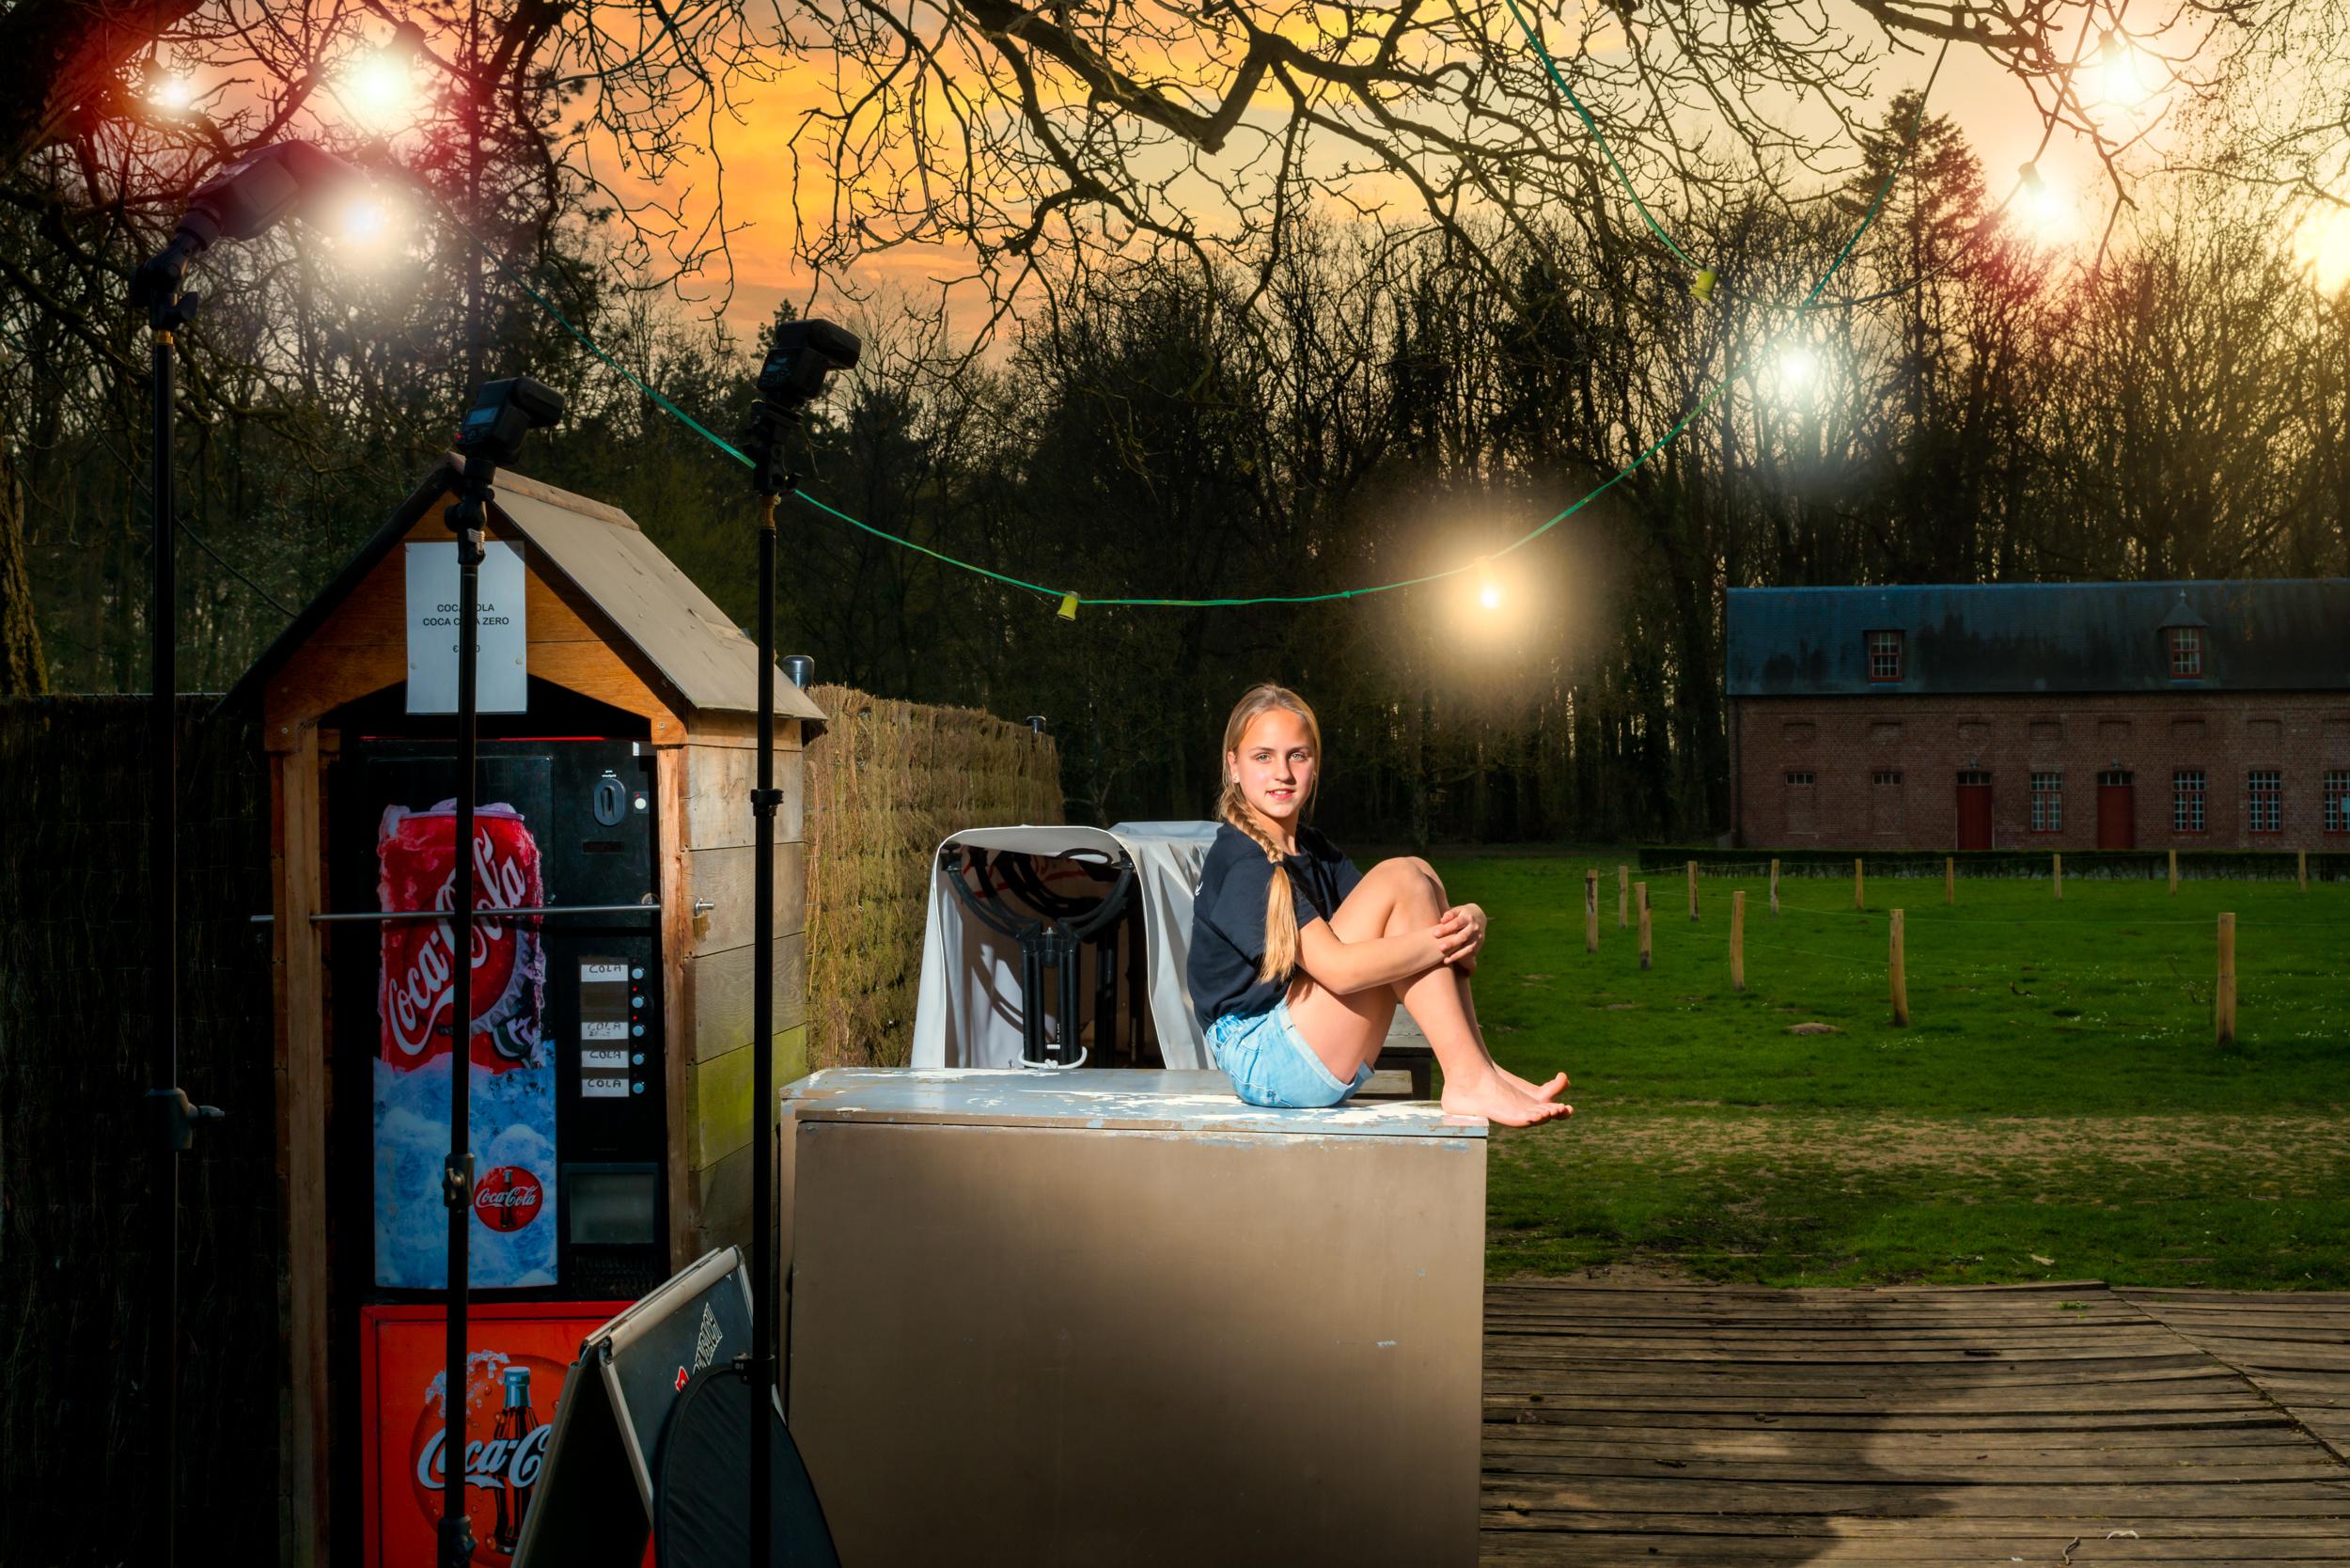 Lucas Dewaele fotograaf veurne